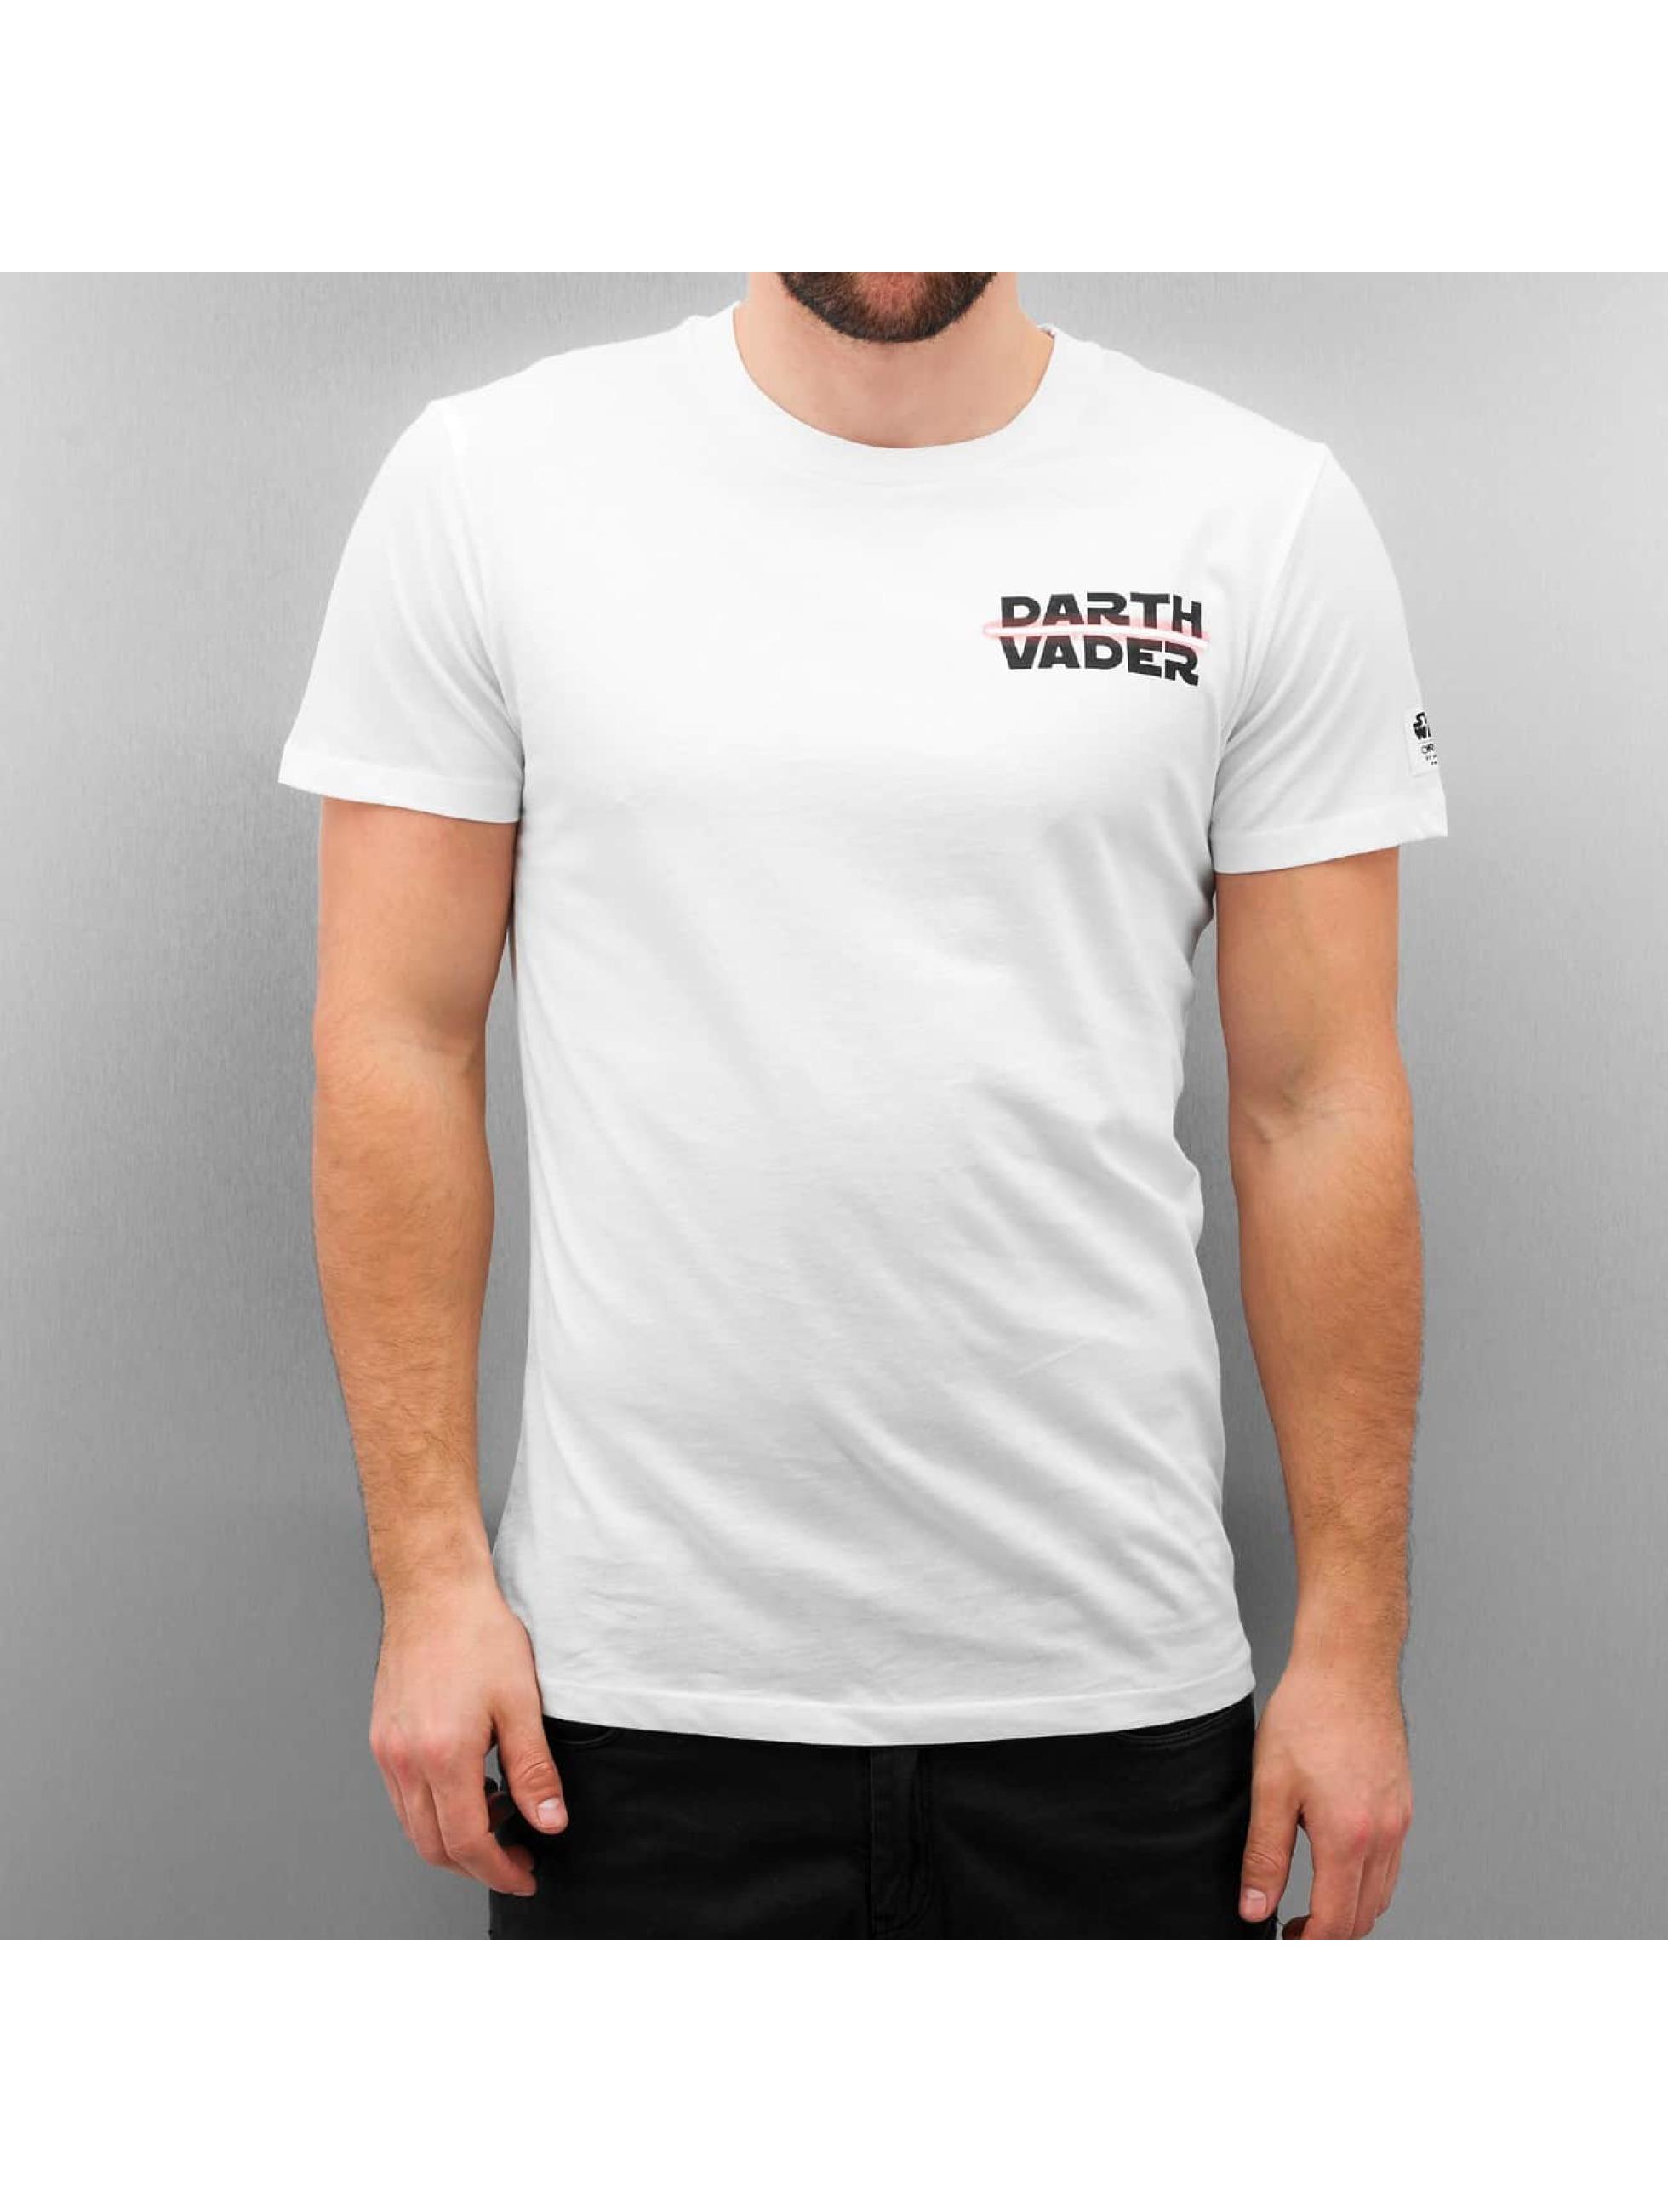 Jack & Jones T-Shirt jjVader weiß